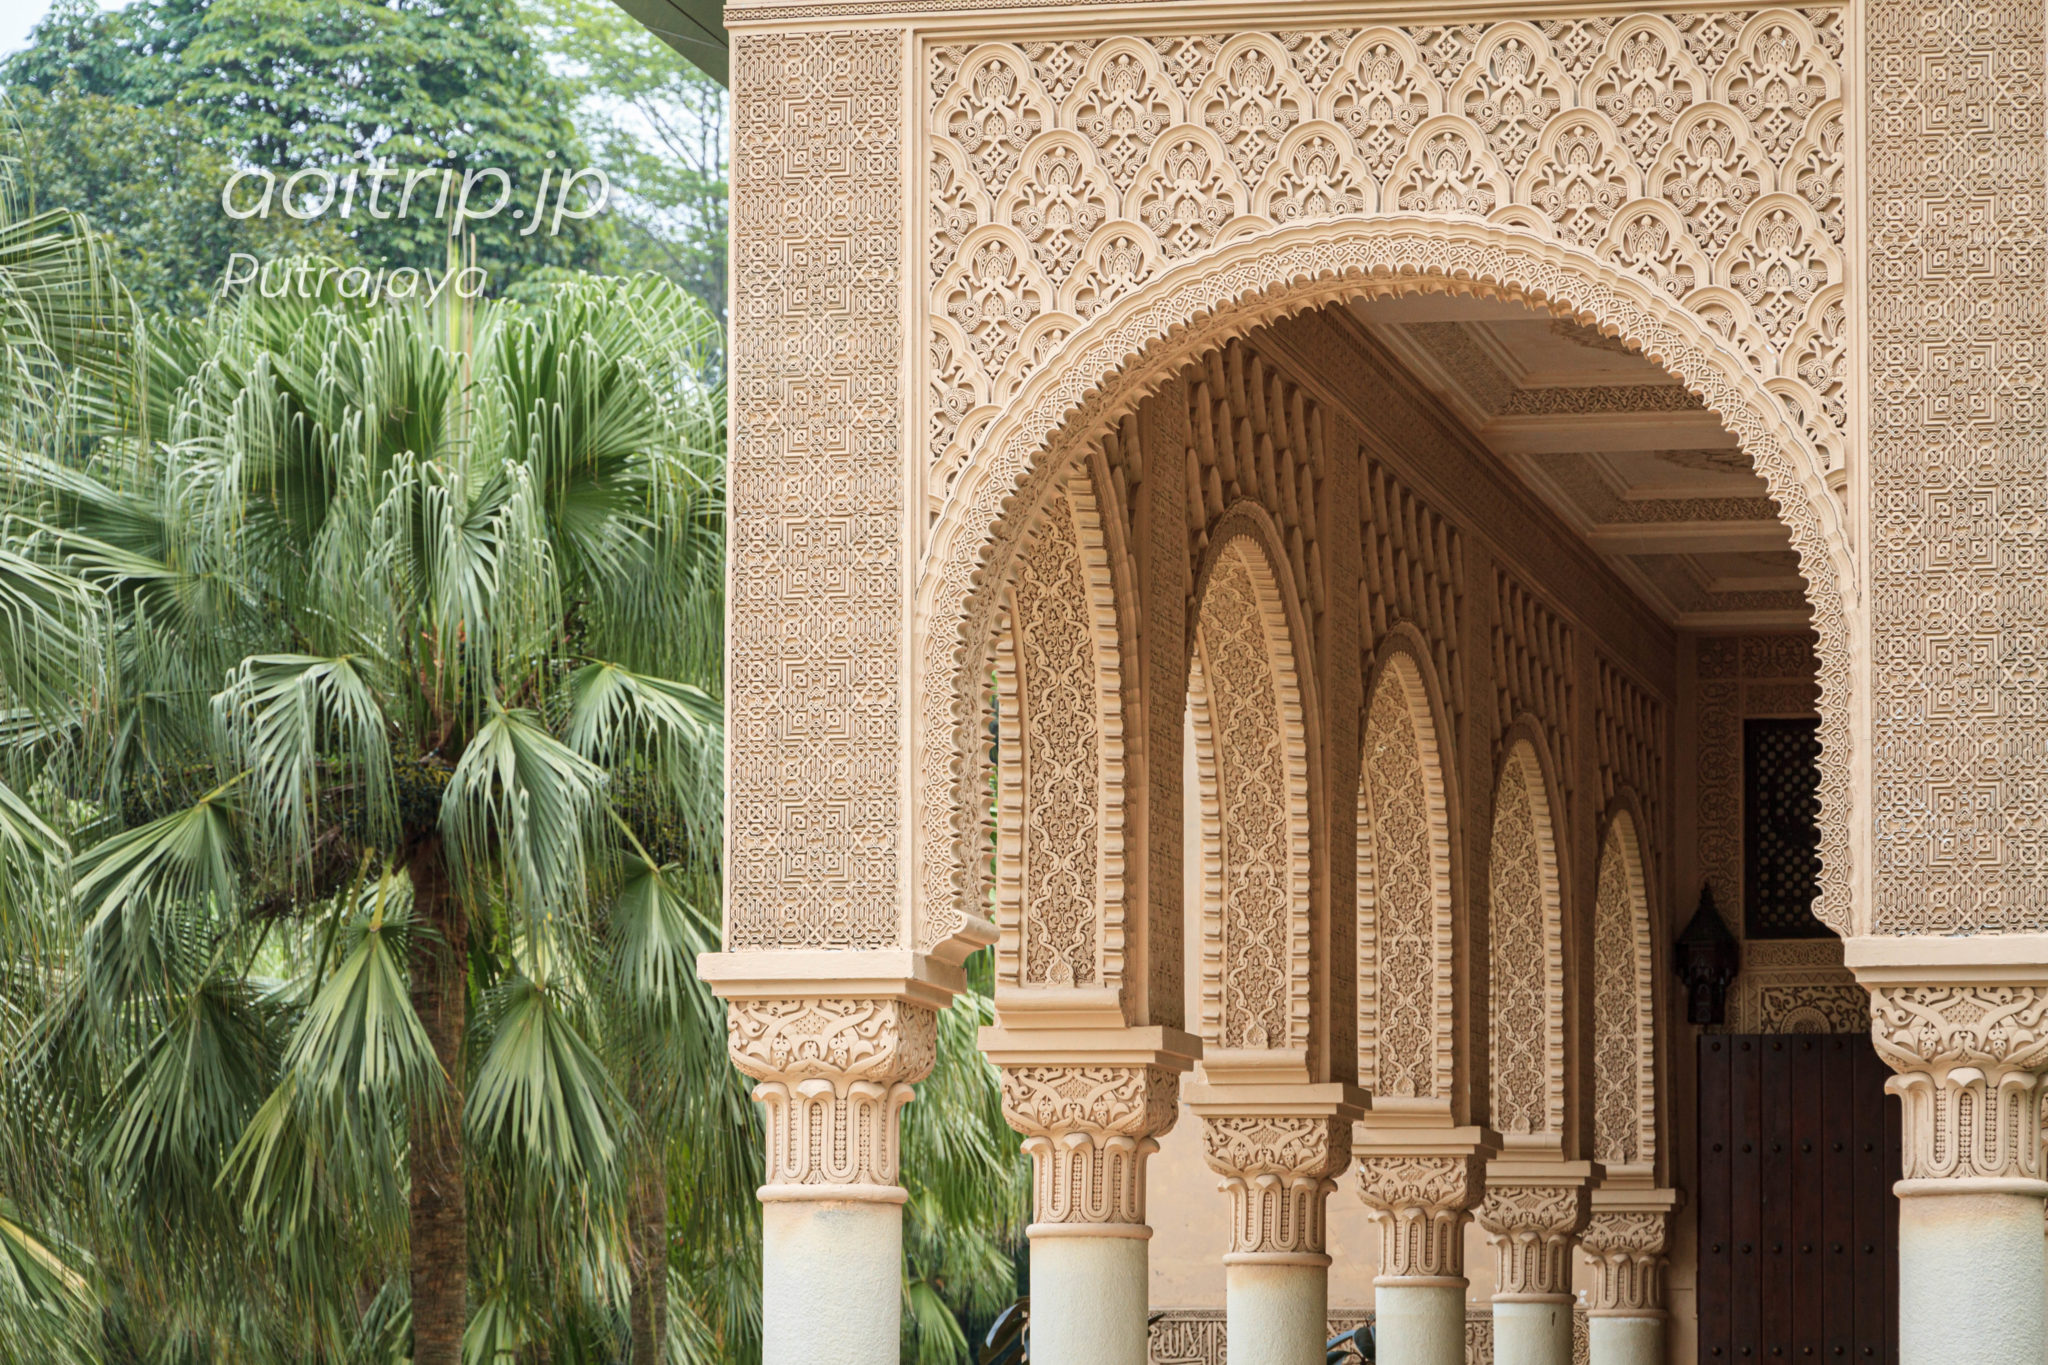 プトラジャヤのモロッカンパビリオン(Moroccan Pavilion)